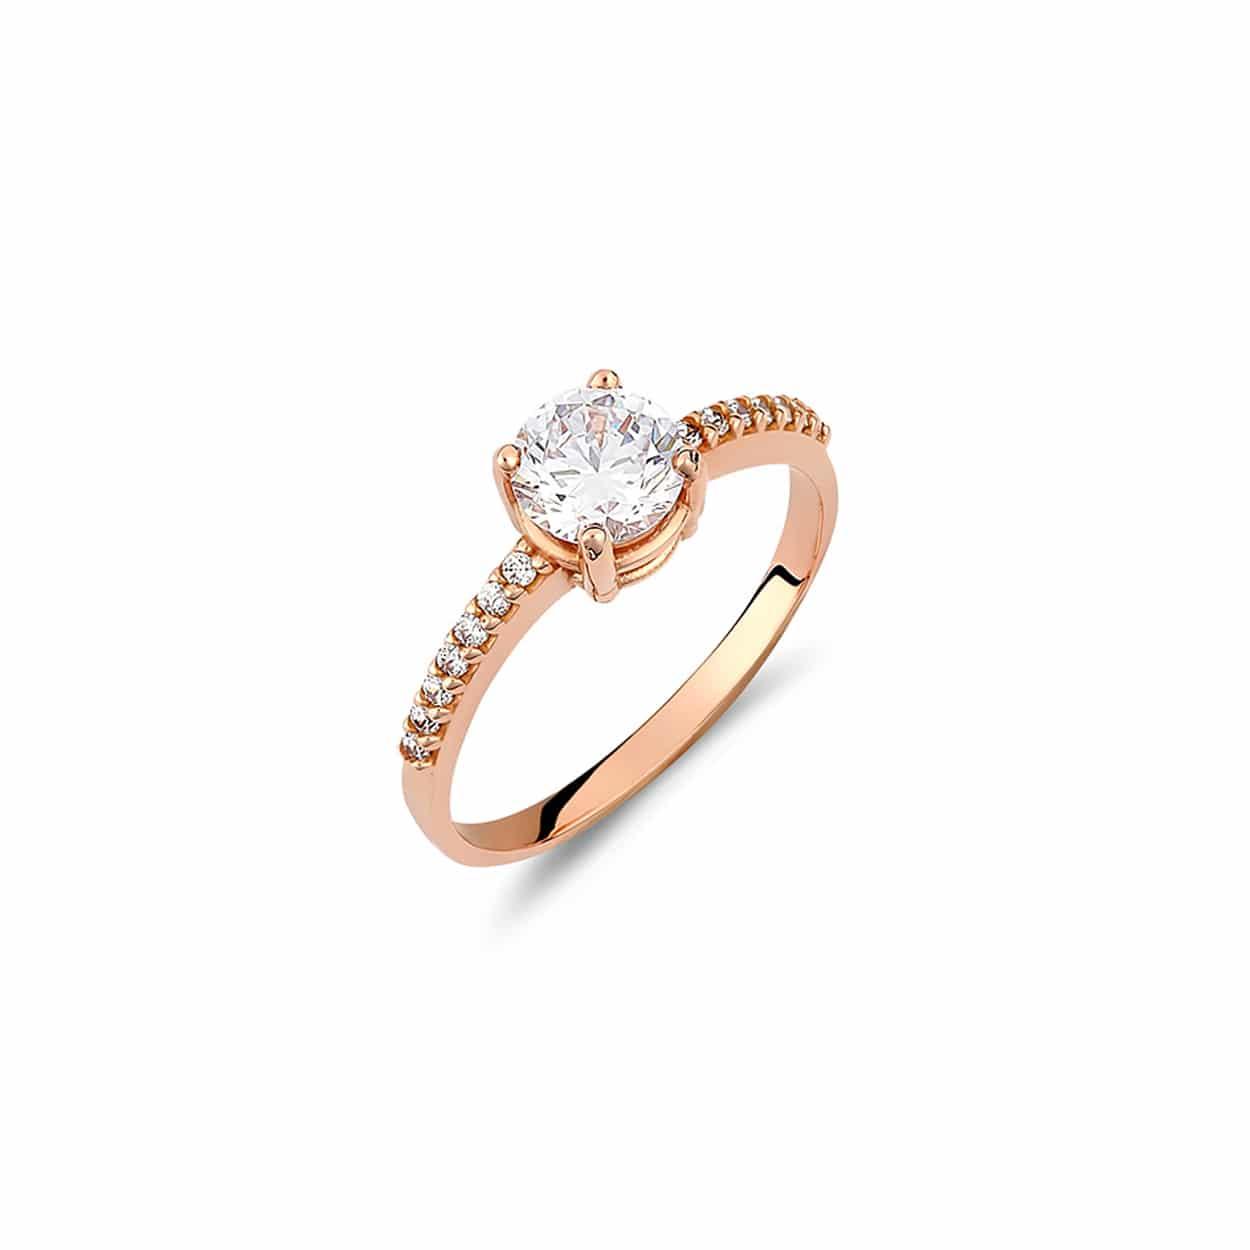 Μοντέρνο Μονόπετρο Δαχτυλίδι Ροζ Χρυσό Με Ζιργκόν – Jewelor f0b59a90f6e